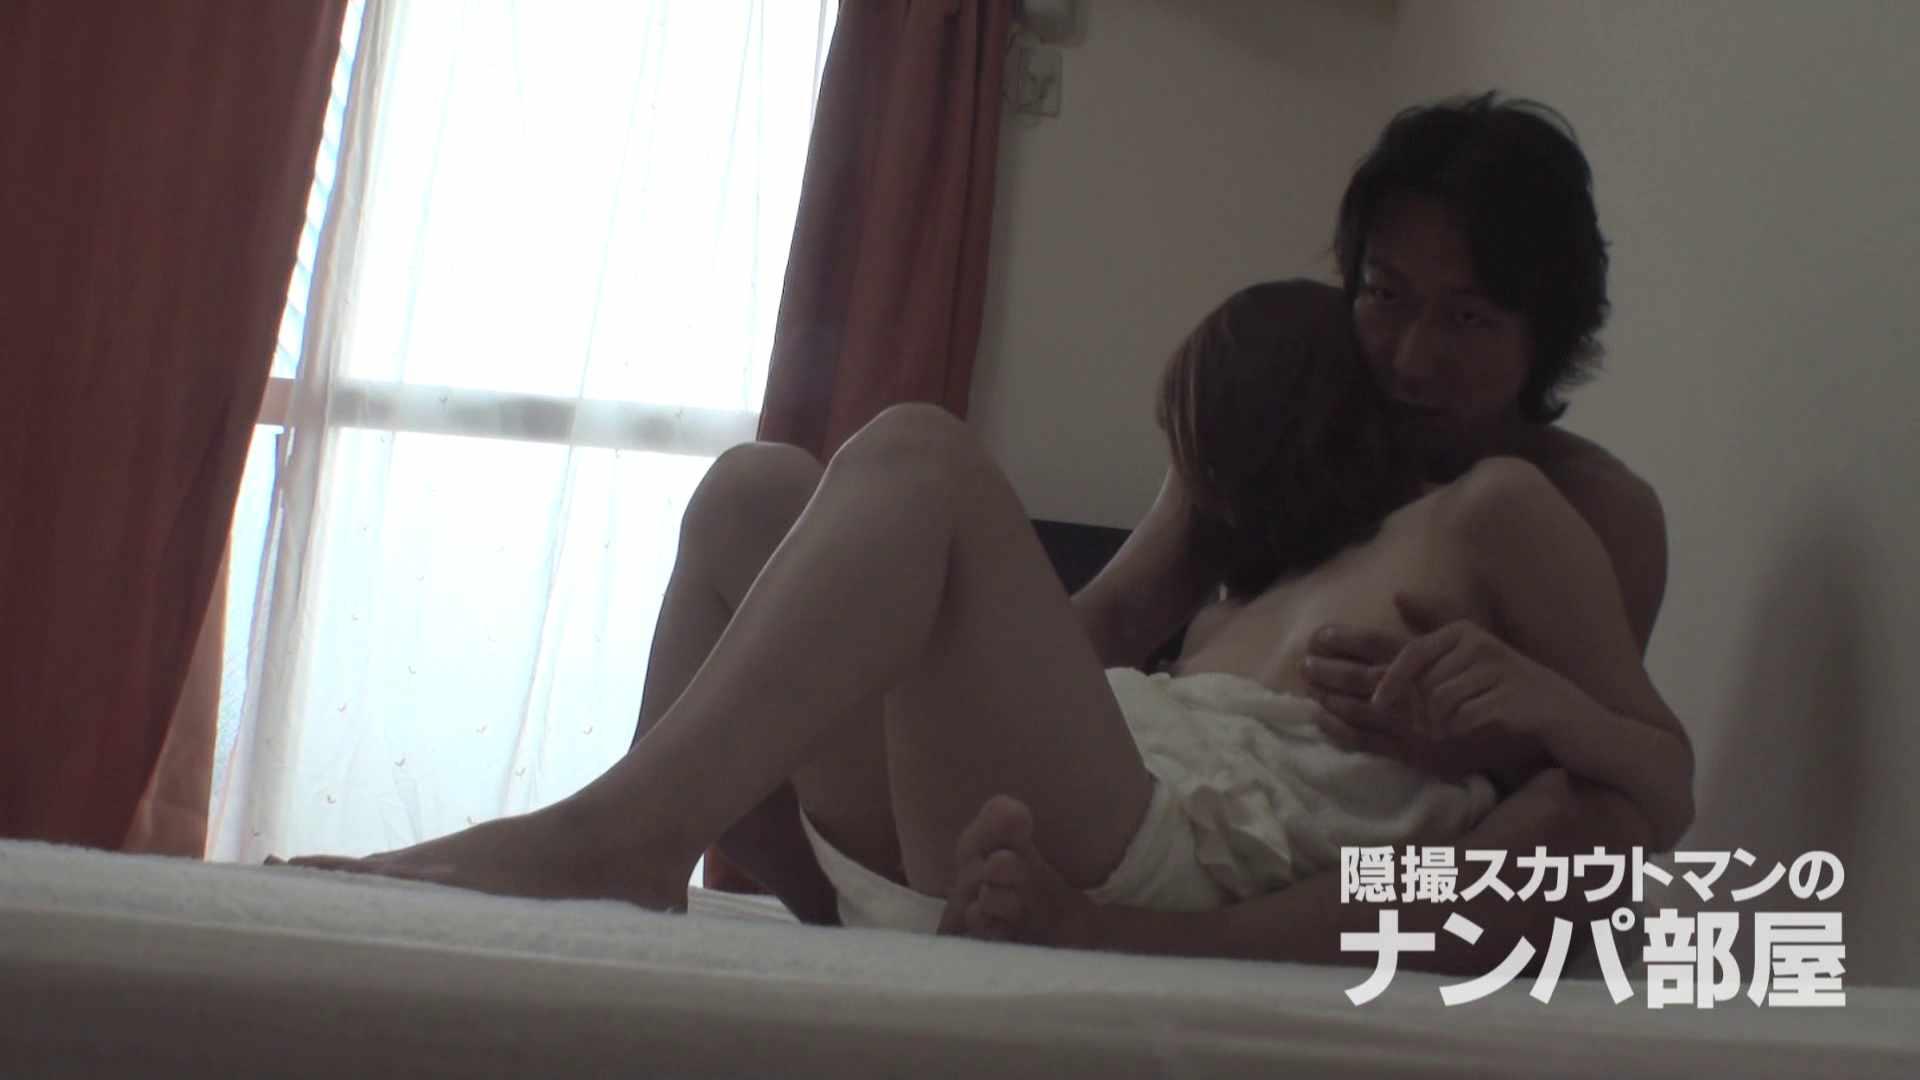 隠撮スカウトマンのナンパ部屋~風俗デビュー前のつまみ食い~ sii 脱衣所 | 隠撮  68画像 55